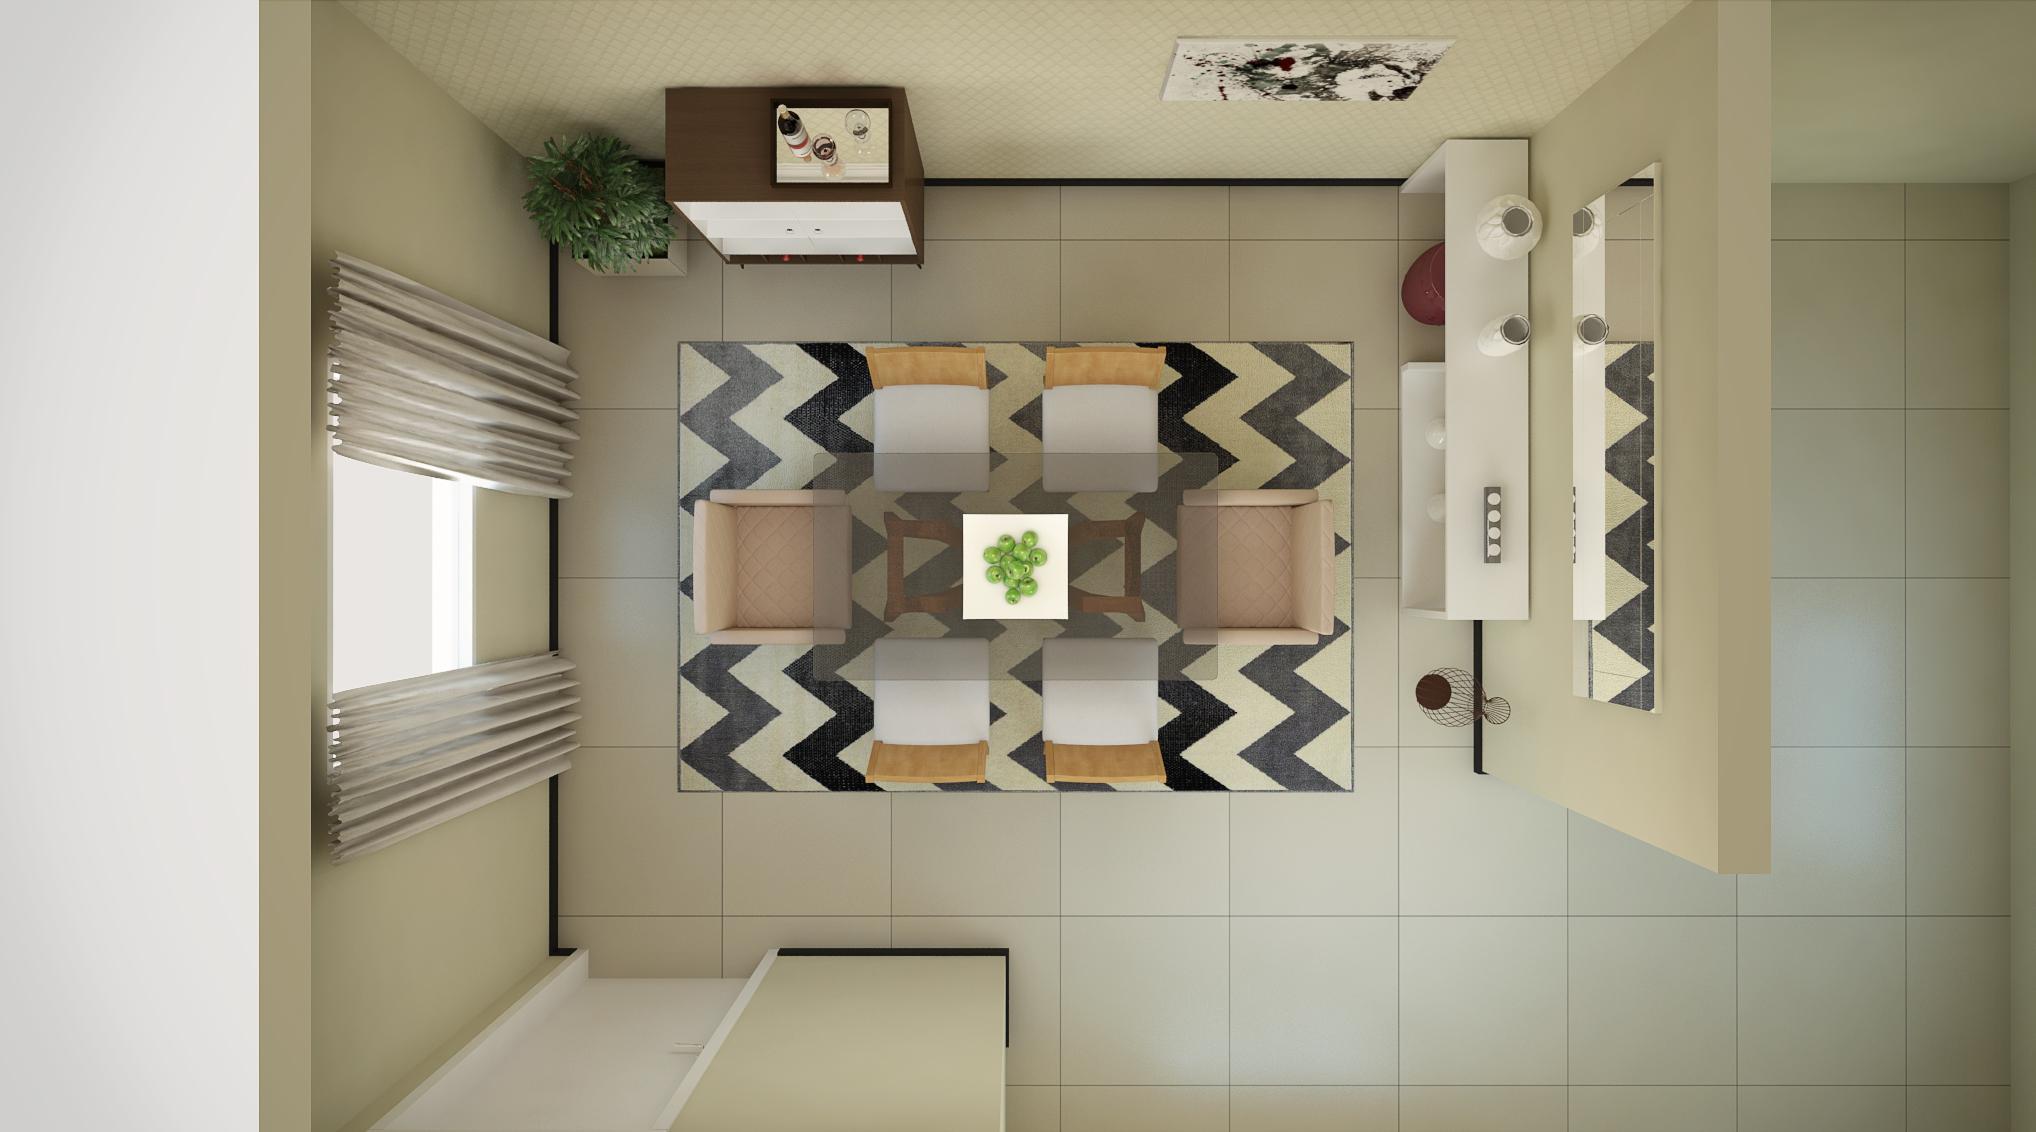 Sala de Jantar estilo Moderno sofisticado